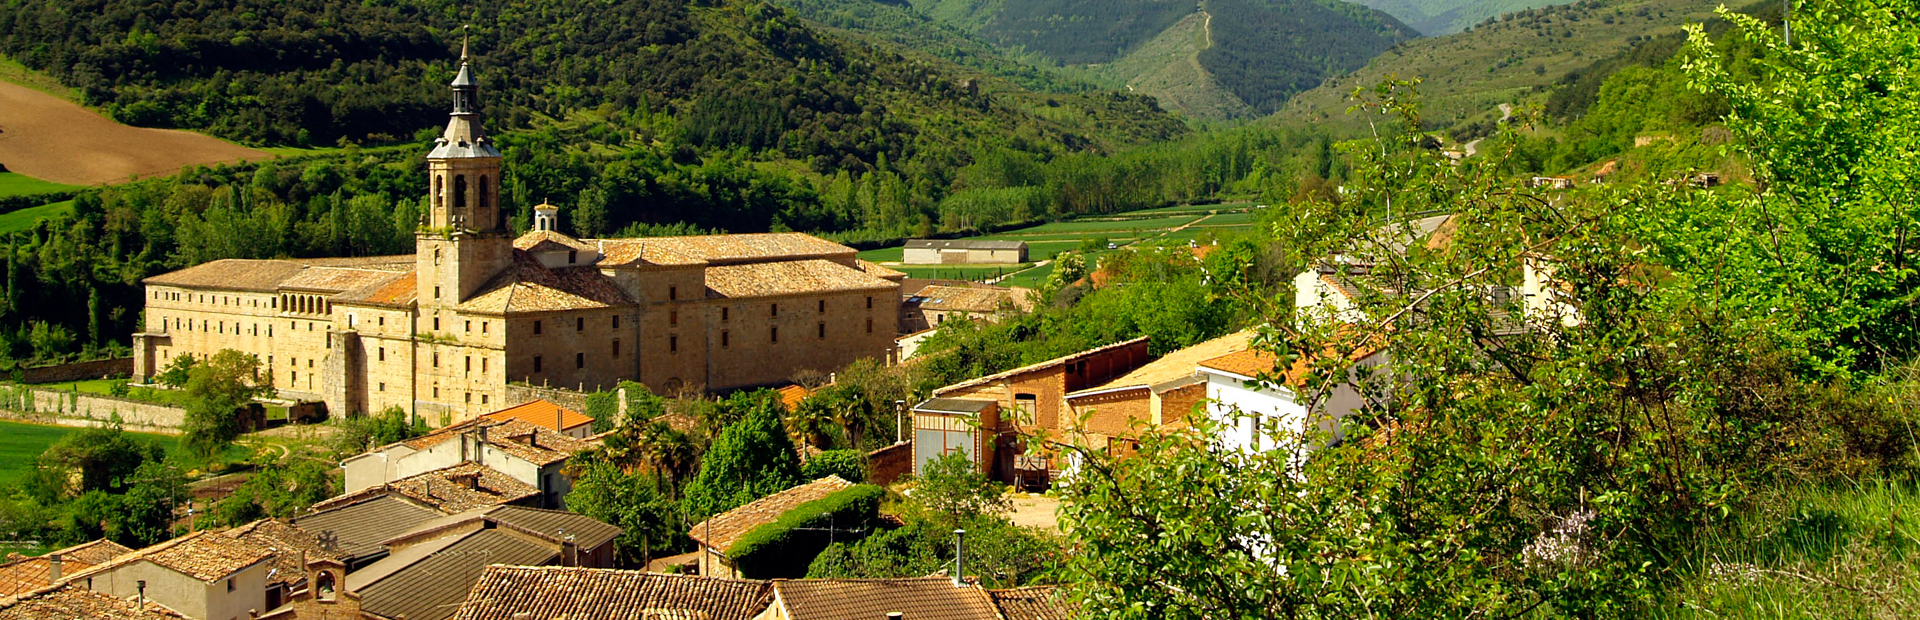 Spain_Tour_1920x620